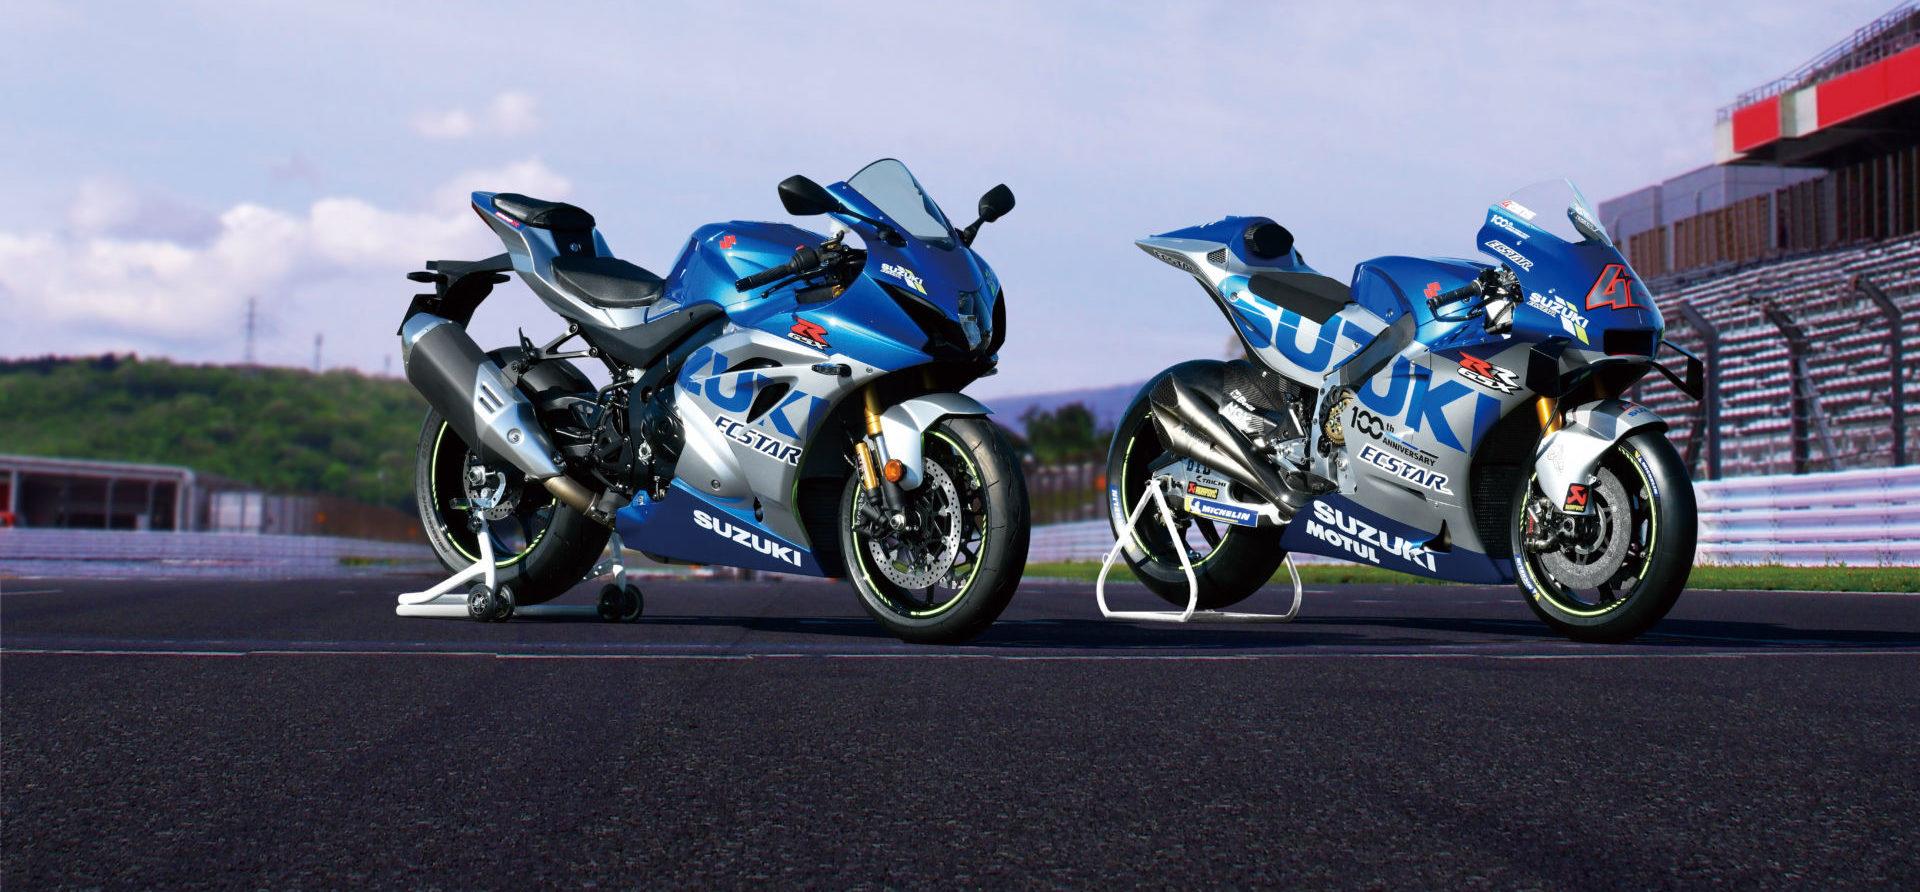 A limited-edition 100th Anniversary Suzuki GSX-R1000R (left) with Alex Rins' Suzuki GSX-RR MotoGP racebike. Photo courtesy Suzuki.